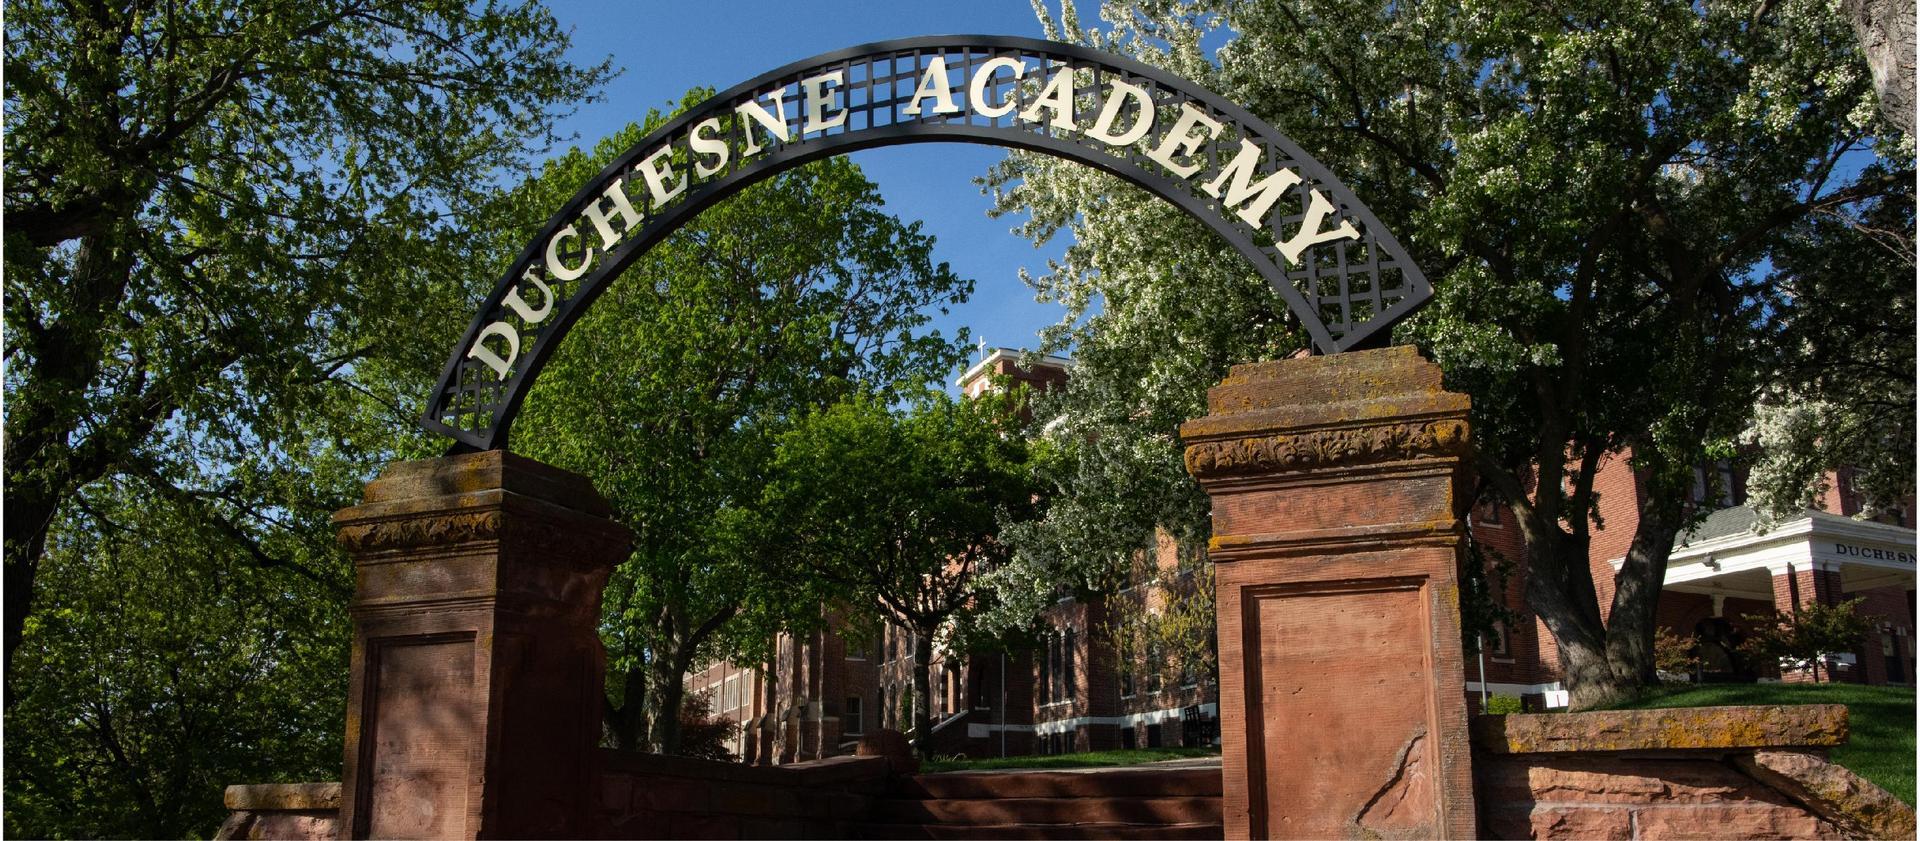 Duchesne Academy sign